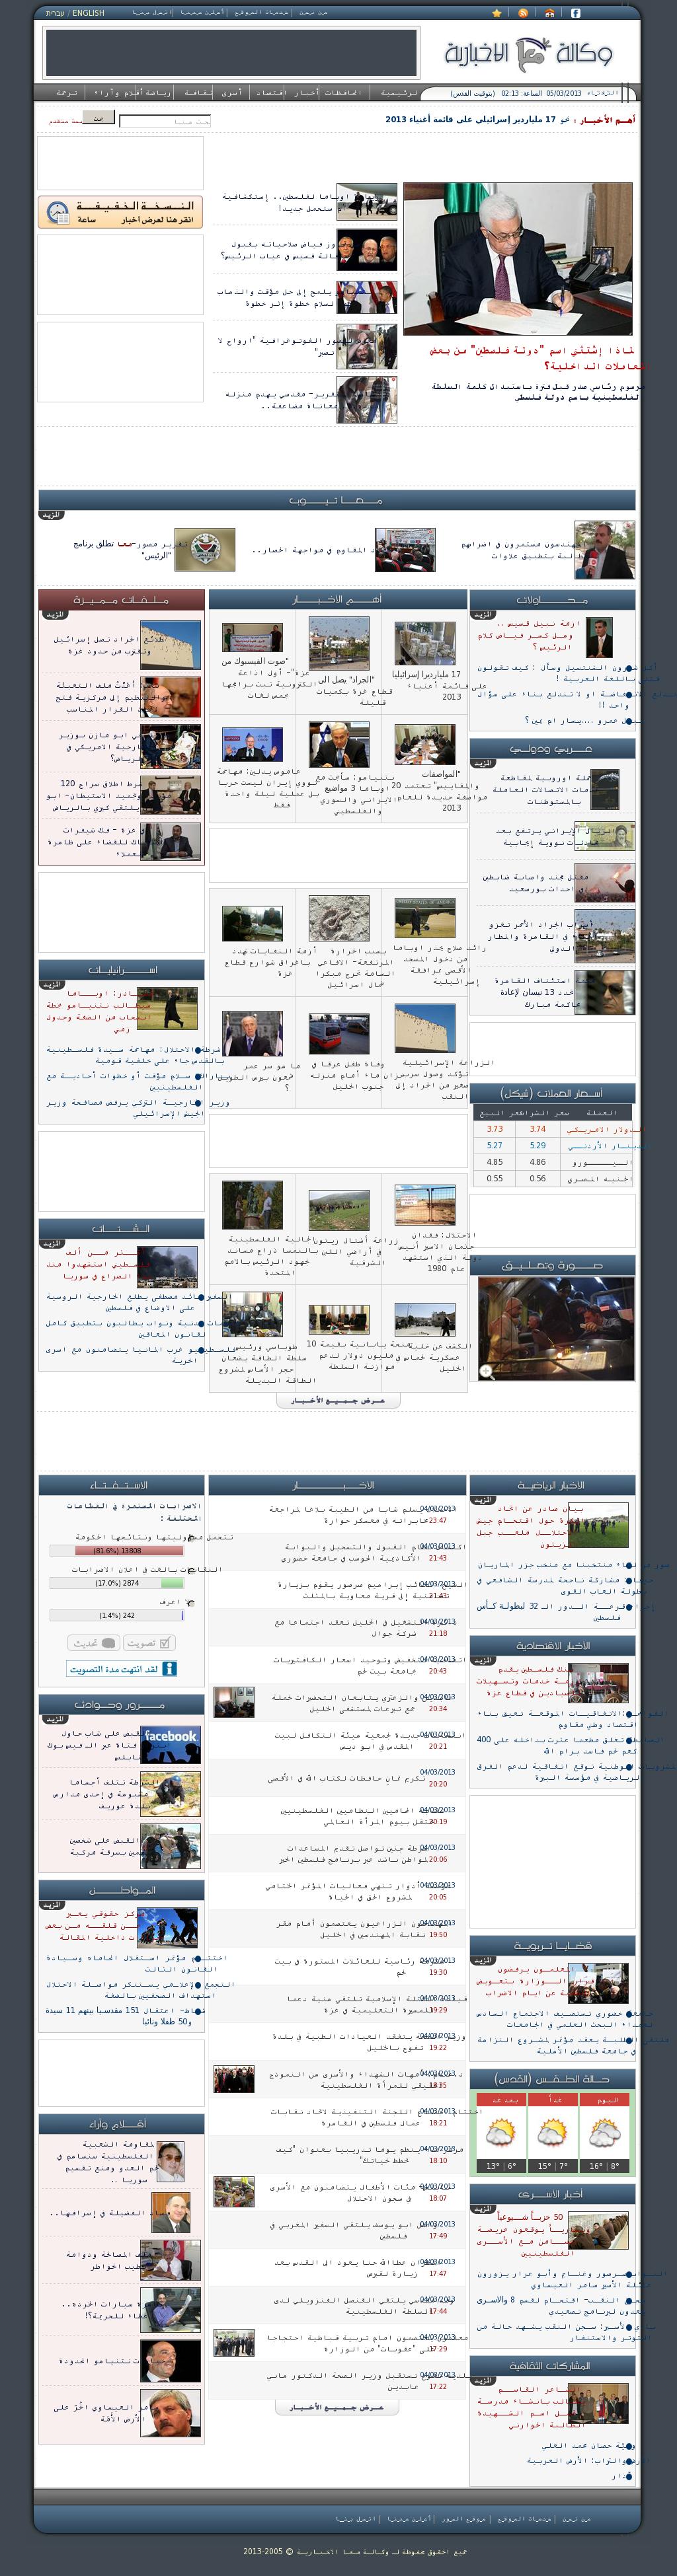 Ma'an News at Tuesday March 5, 2013, 12:13 a.m. UTC